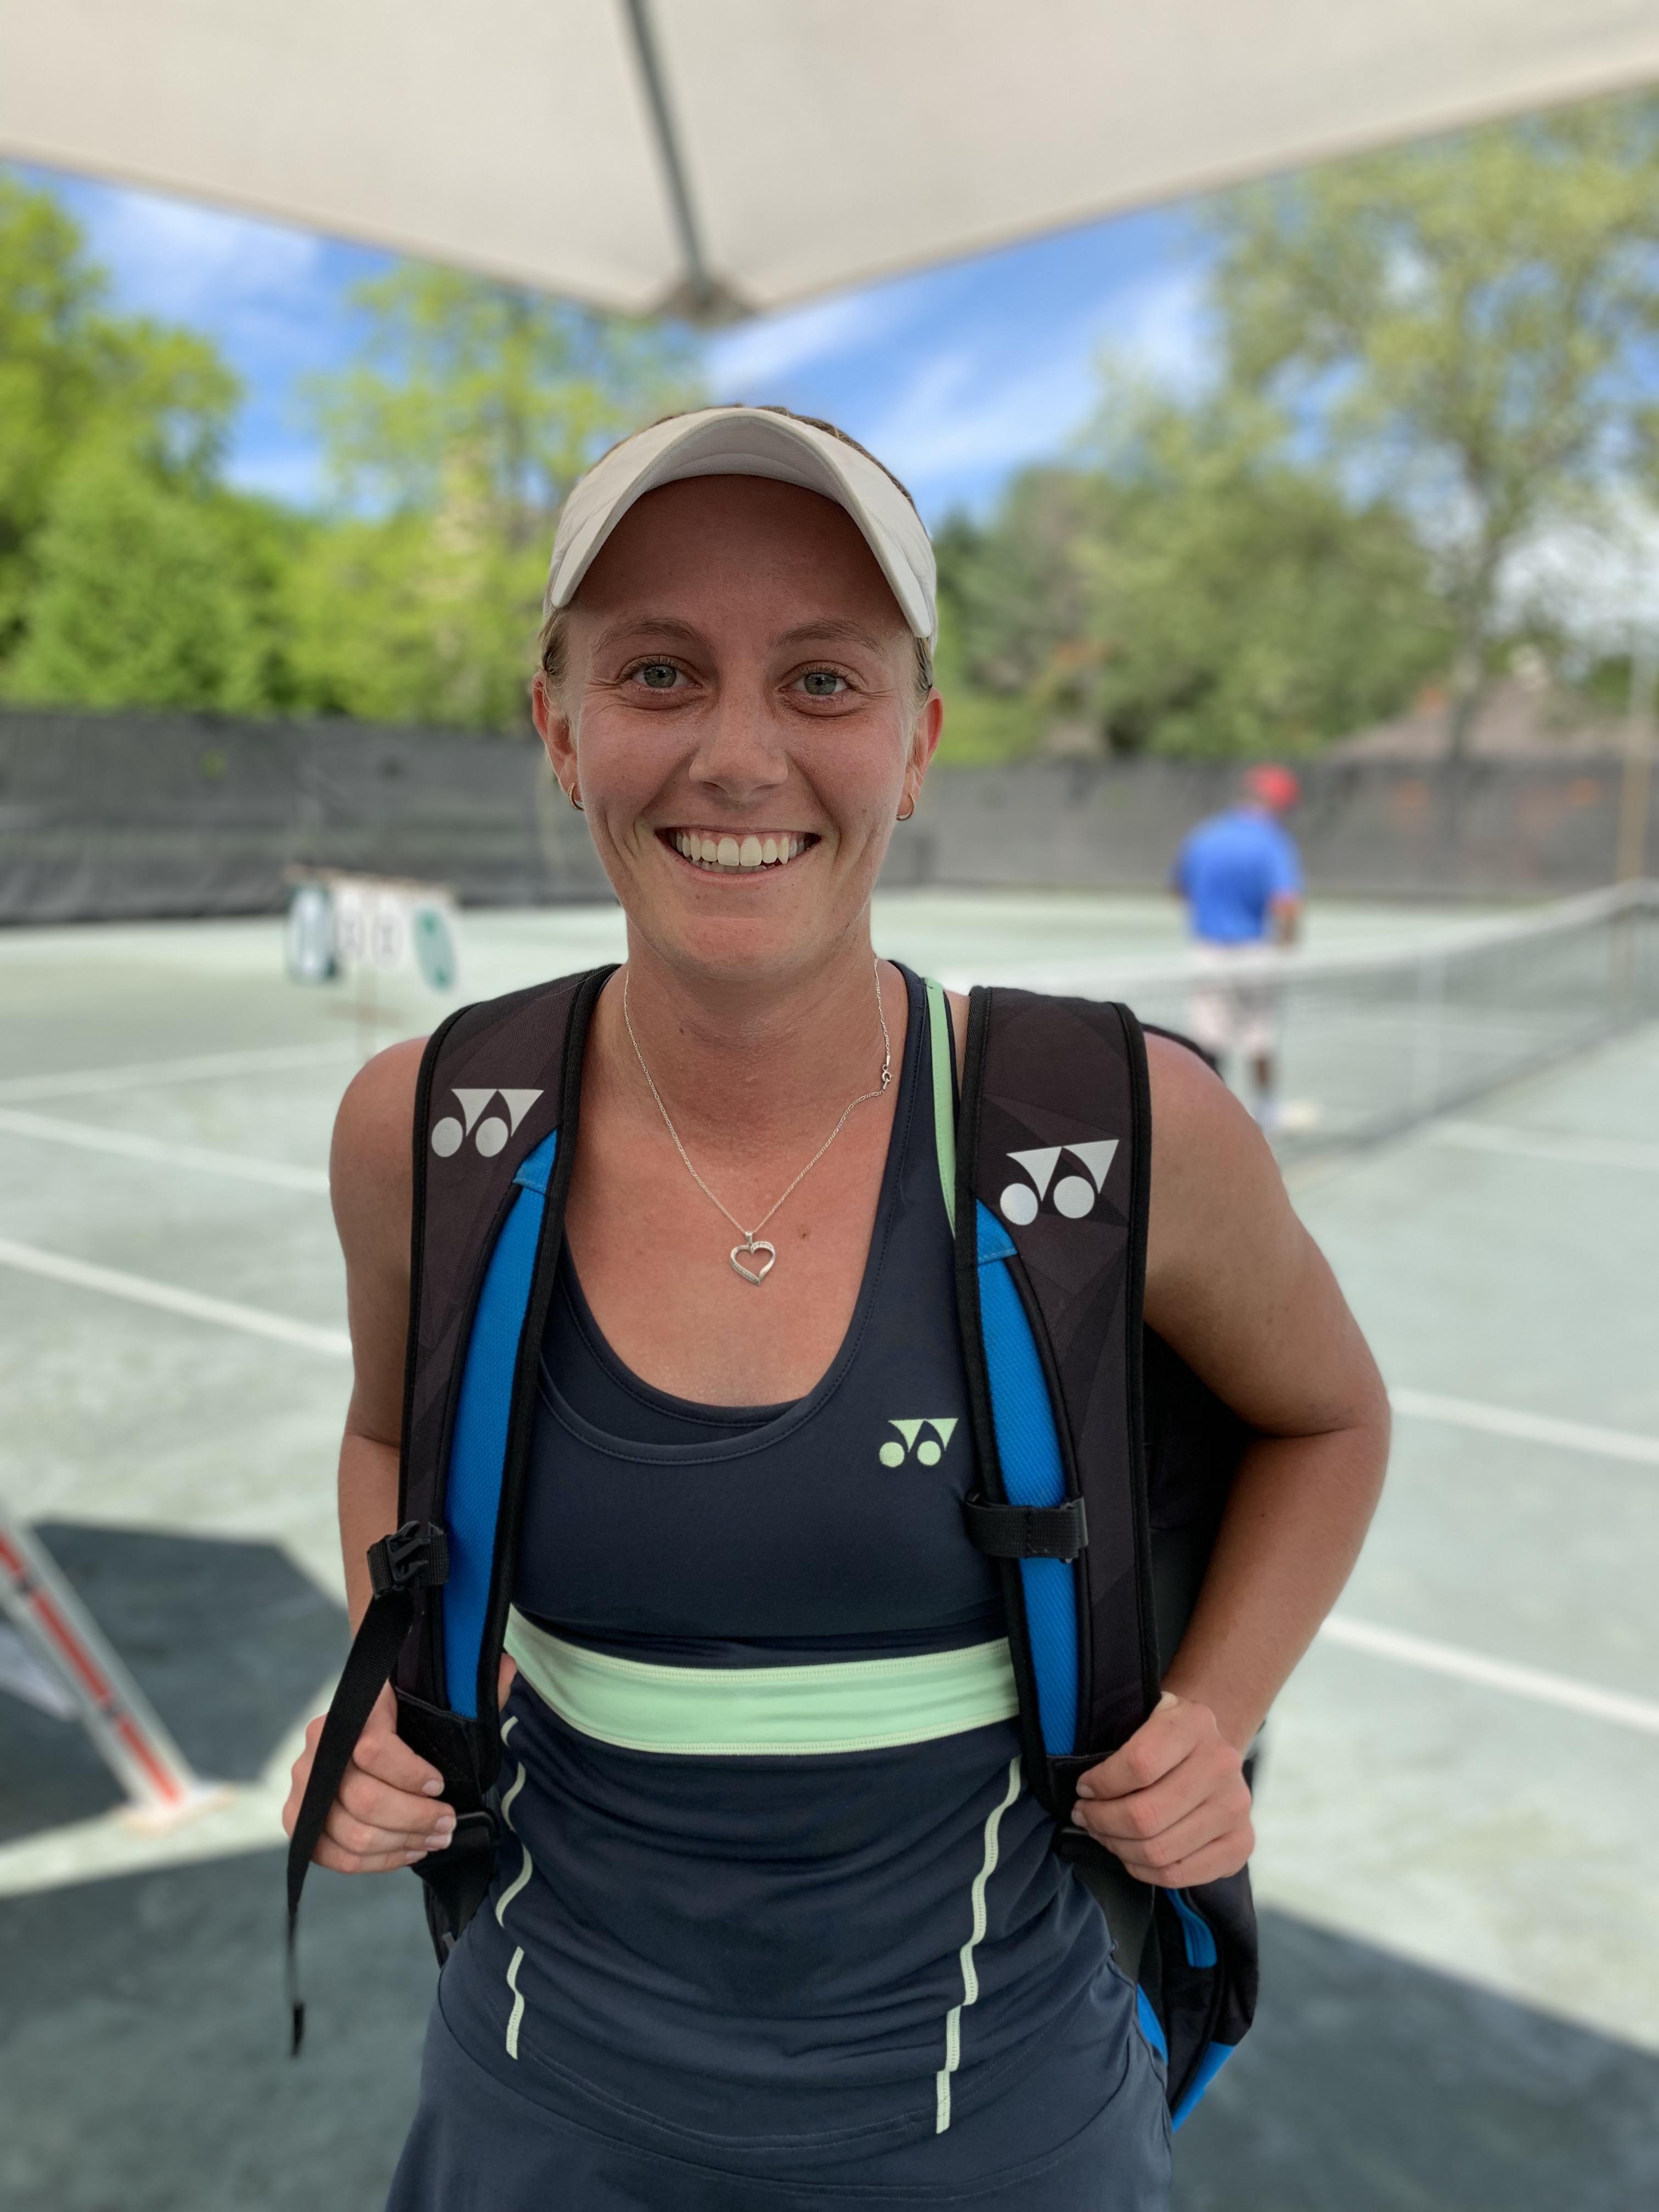 Zoe Hives, 2019 Boar's Head Women's Tennis Open